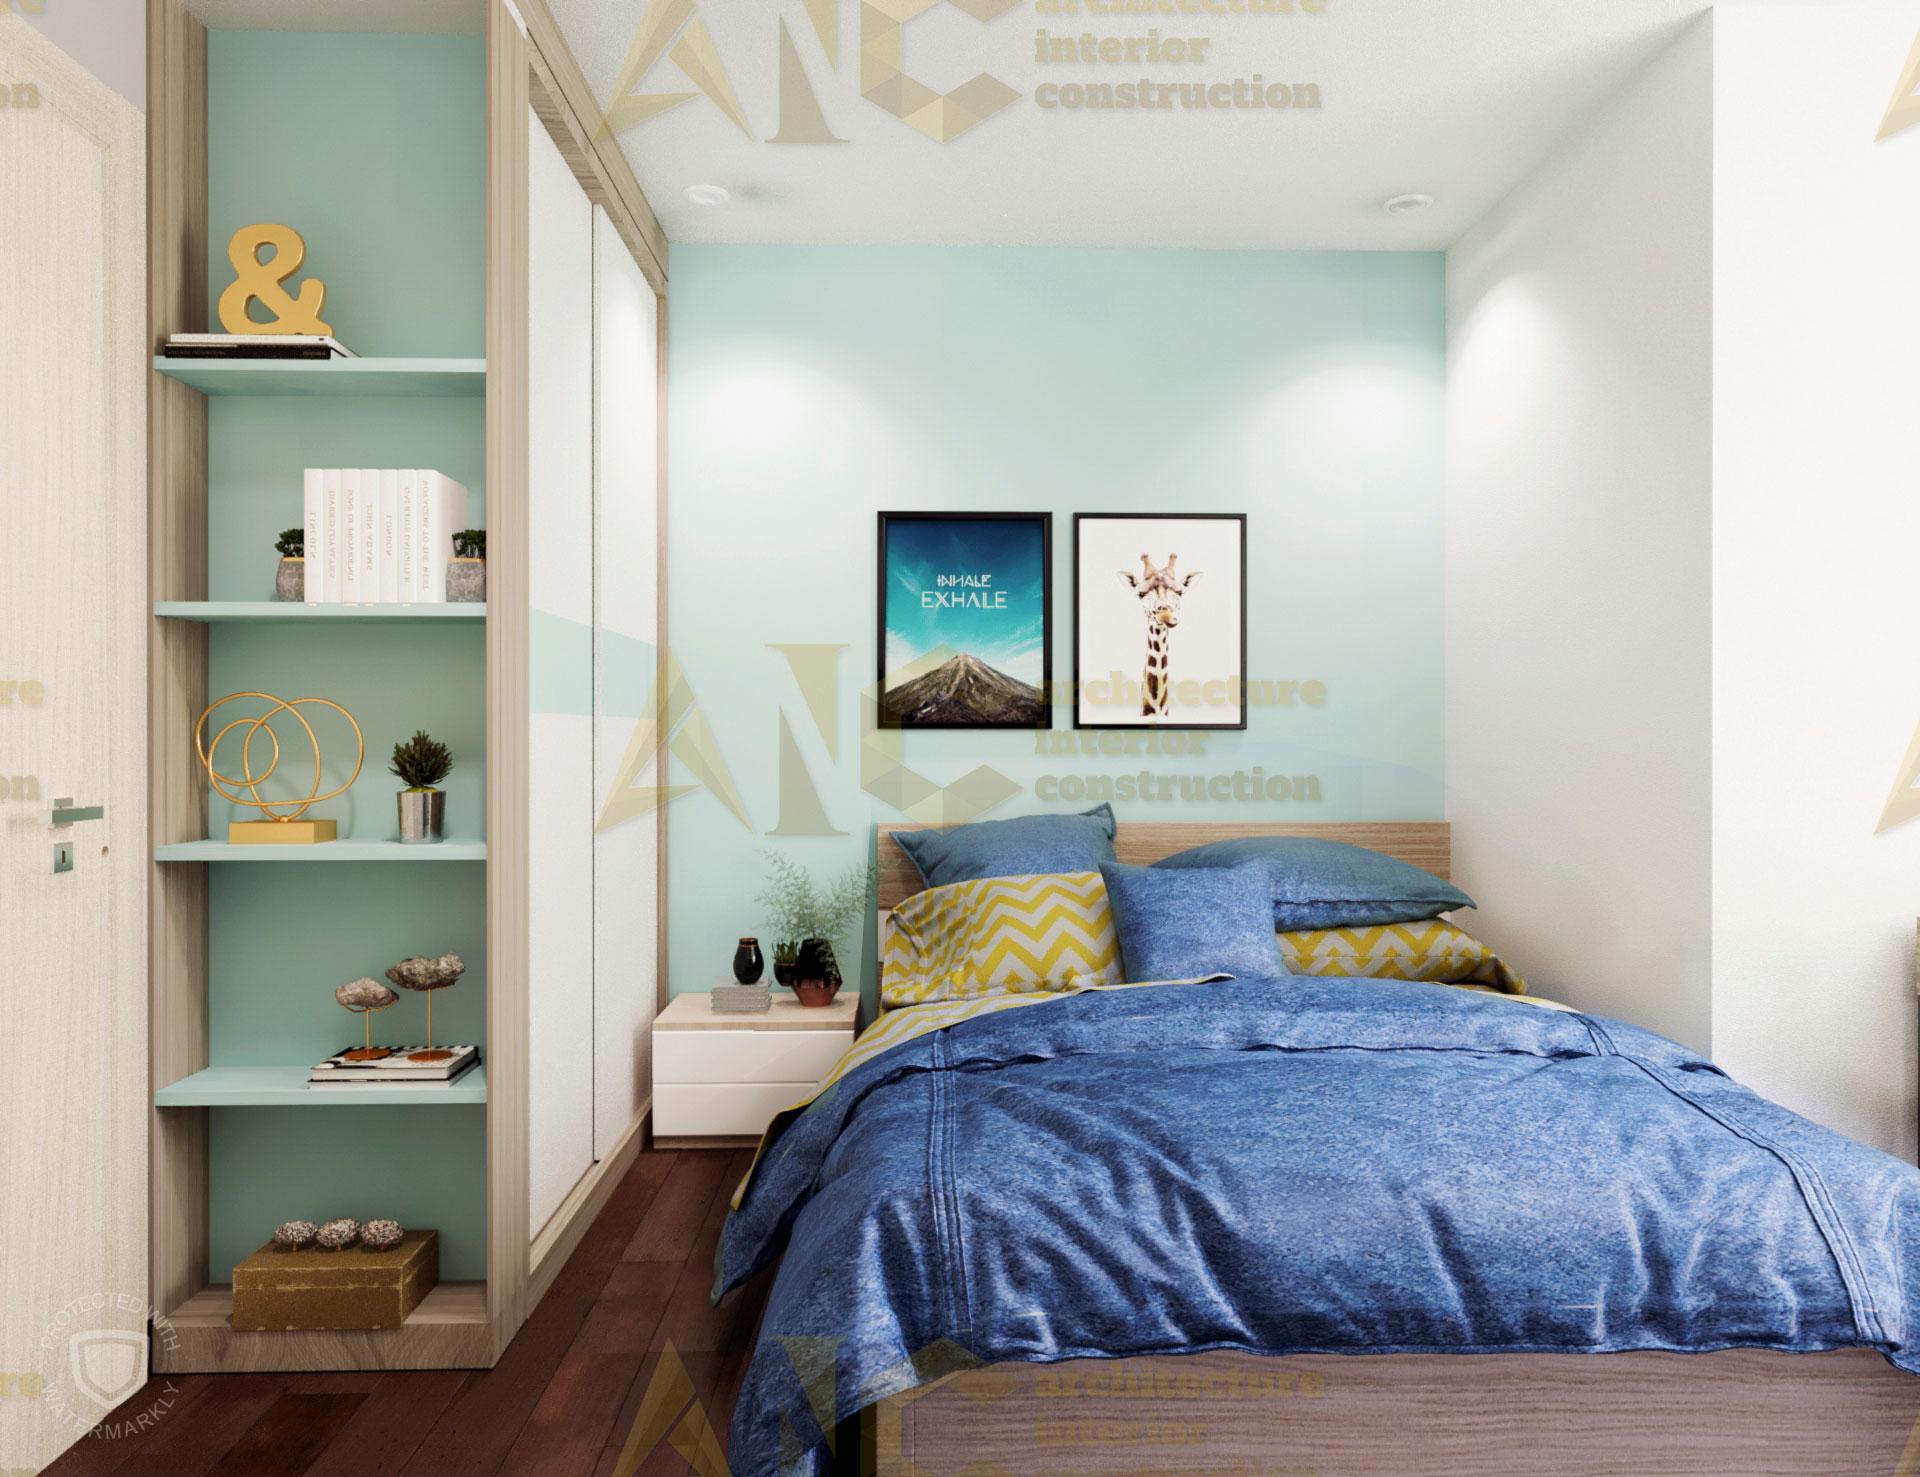 Thiết kế và thi công nội thất căn hộ chị Trúc- phòng ngủ nhỏ view 1